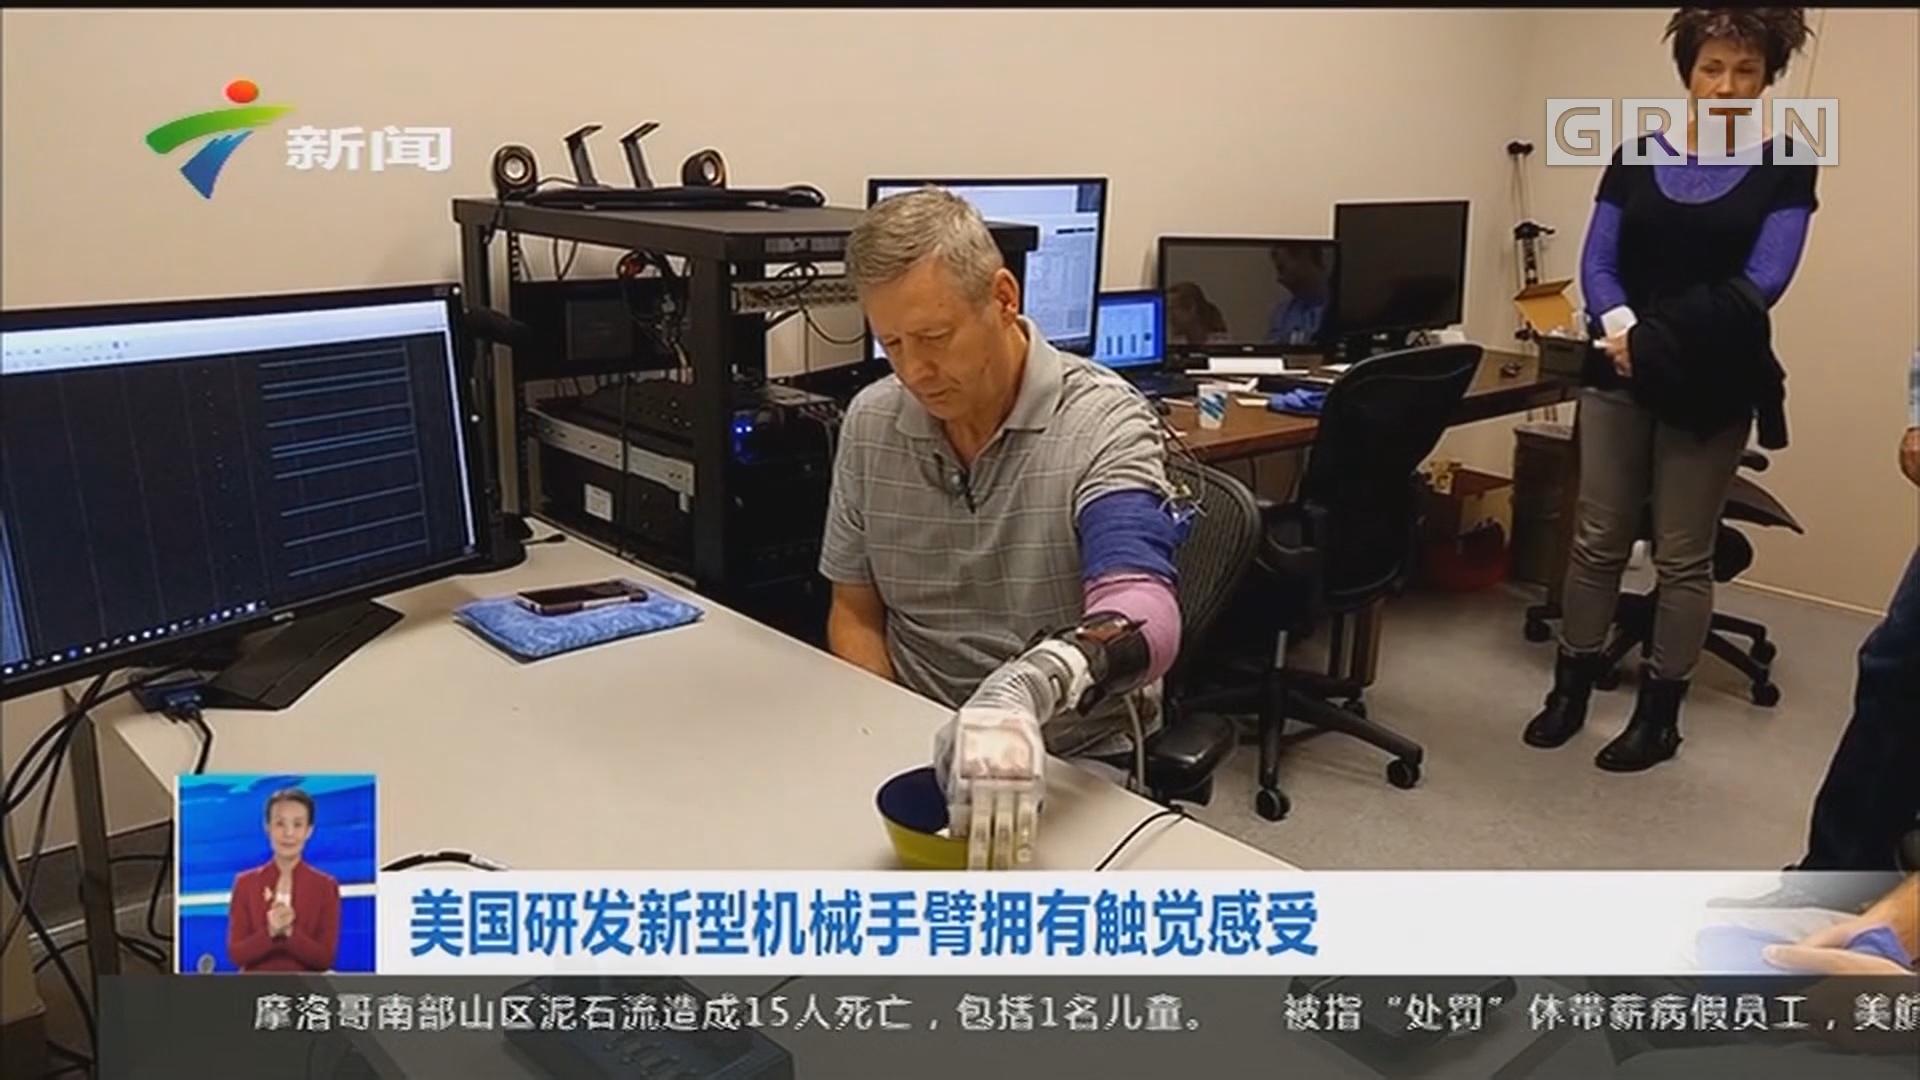 美国研发新型机械手臂拥有触觉感受